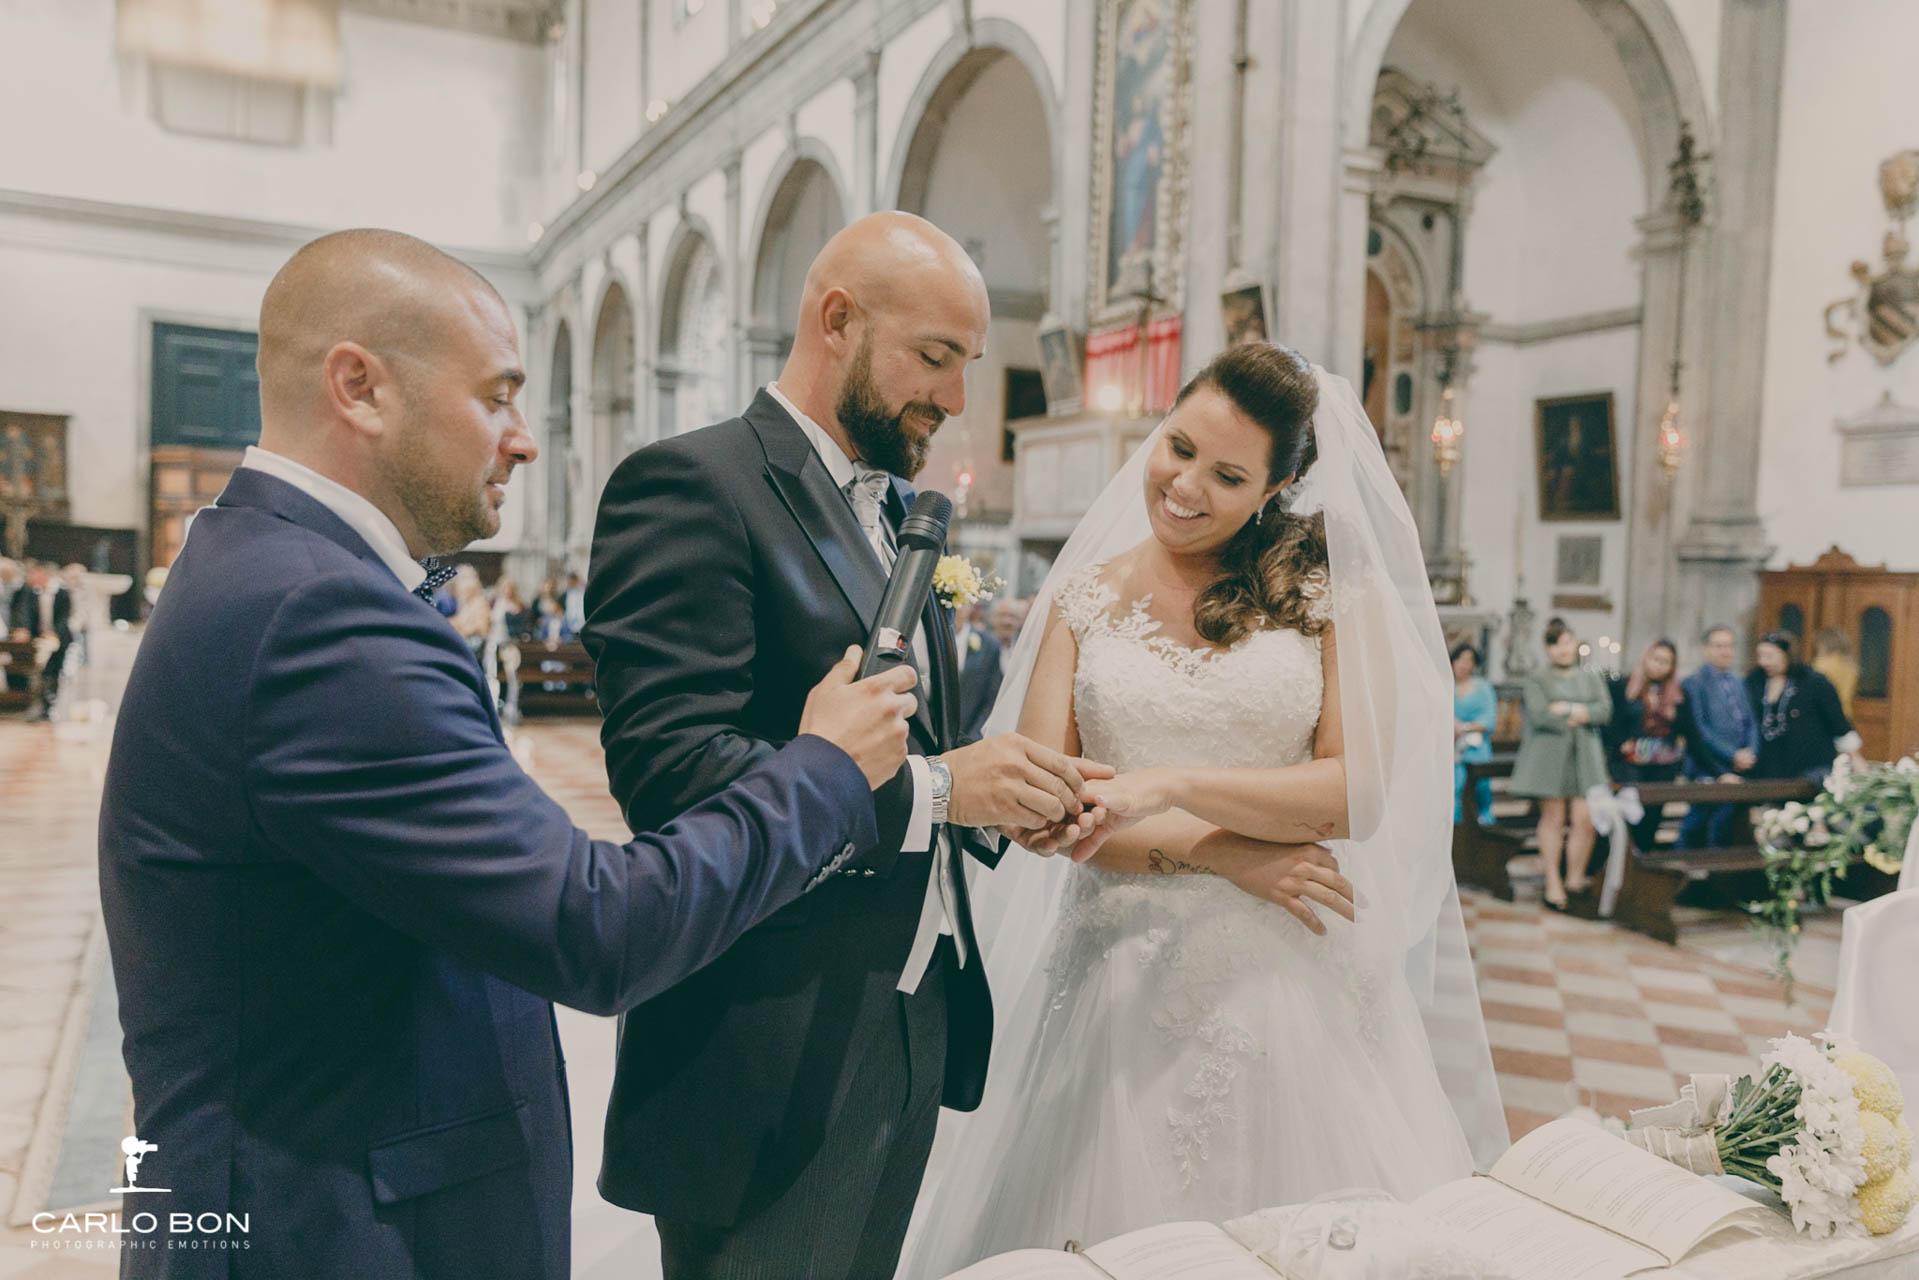 Consuelo e Mattia - Un Nastrino a pois weddings planner